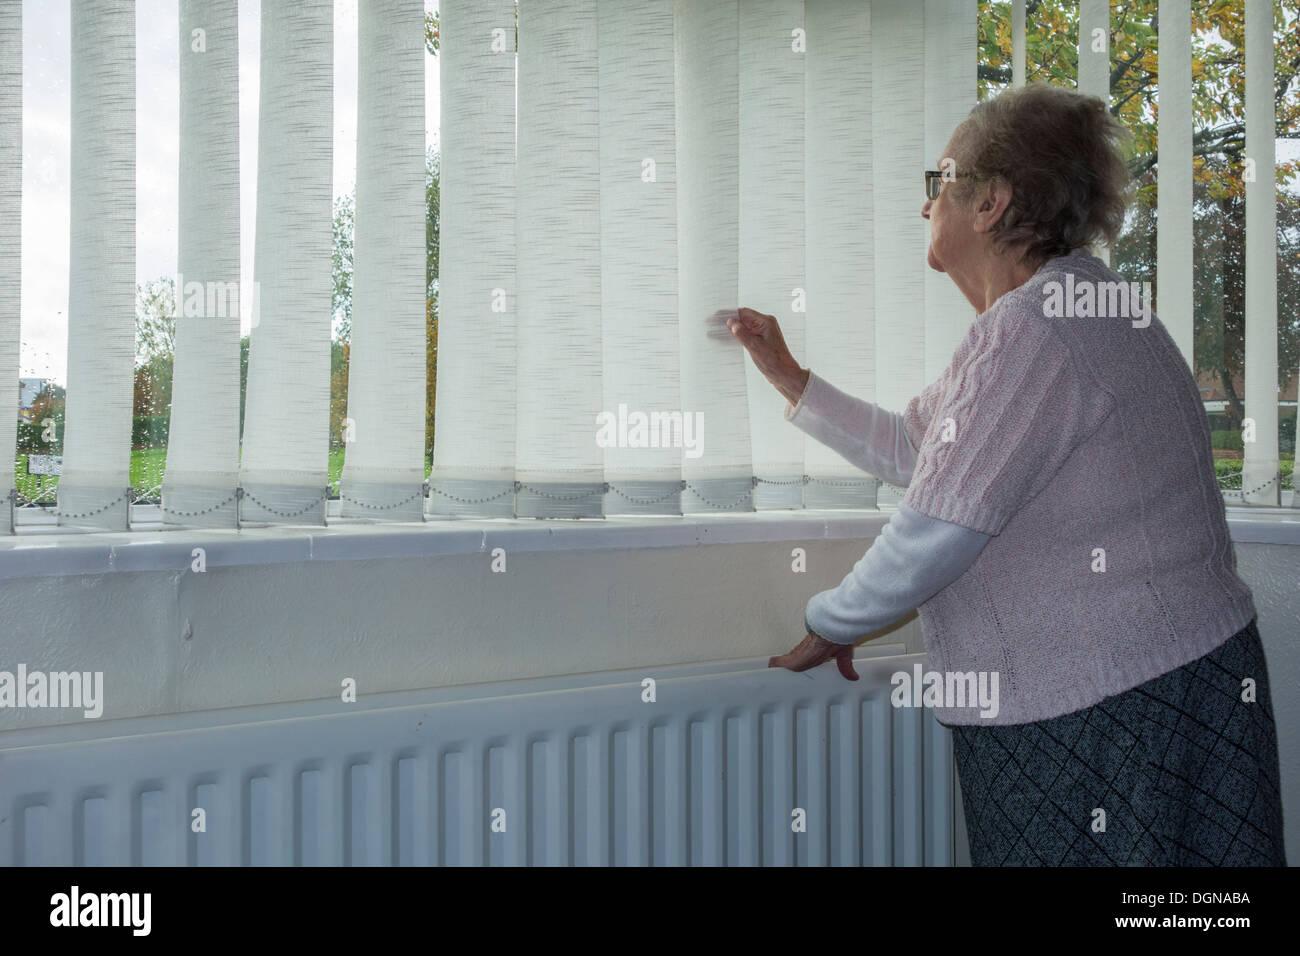 Neunzig Jahre alte Dame Blick aus Fenster von ihrem eigenen Haus mit Hand am Heizkörper Stockbild